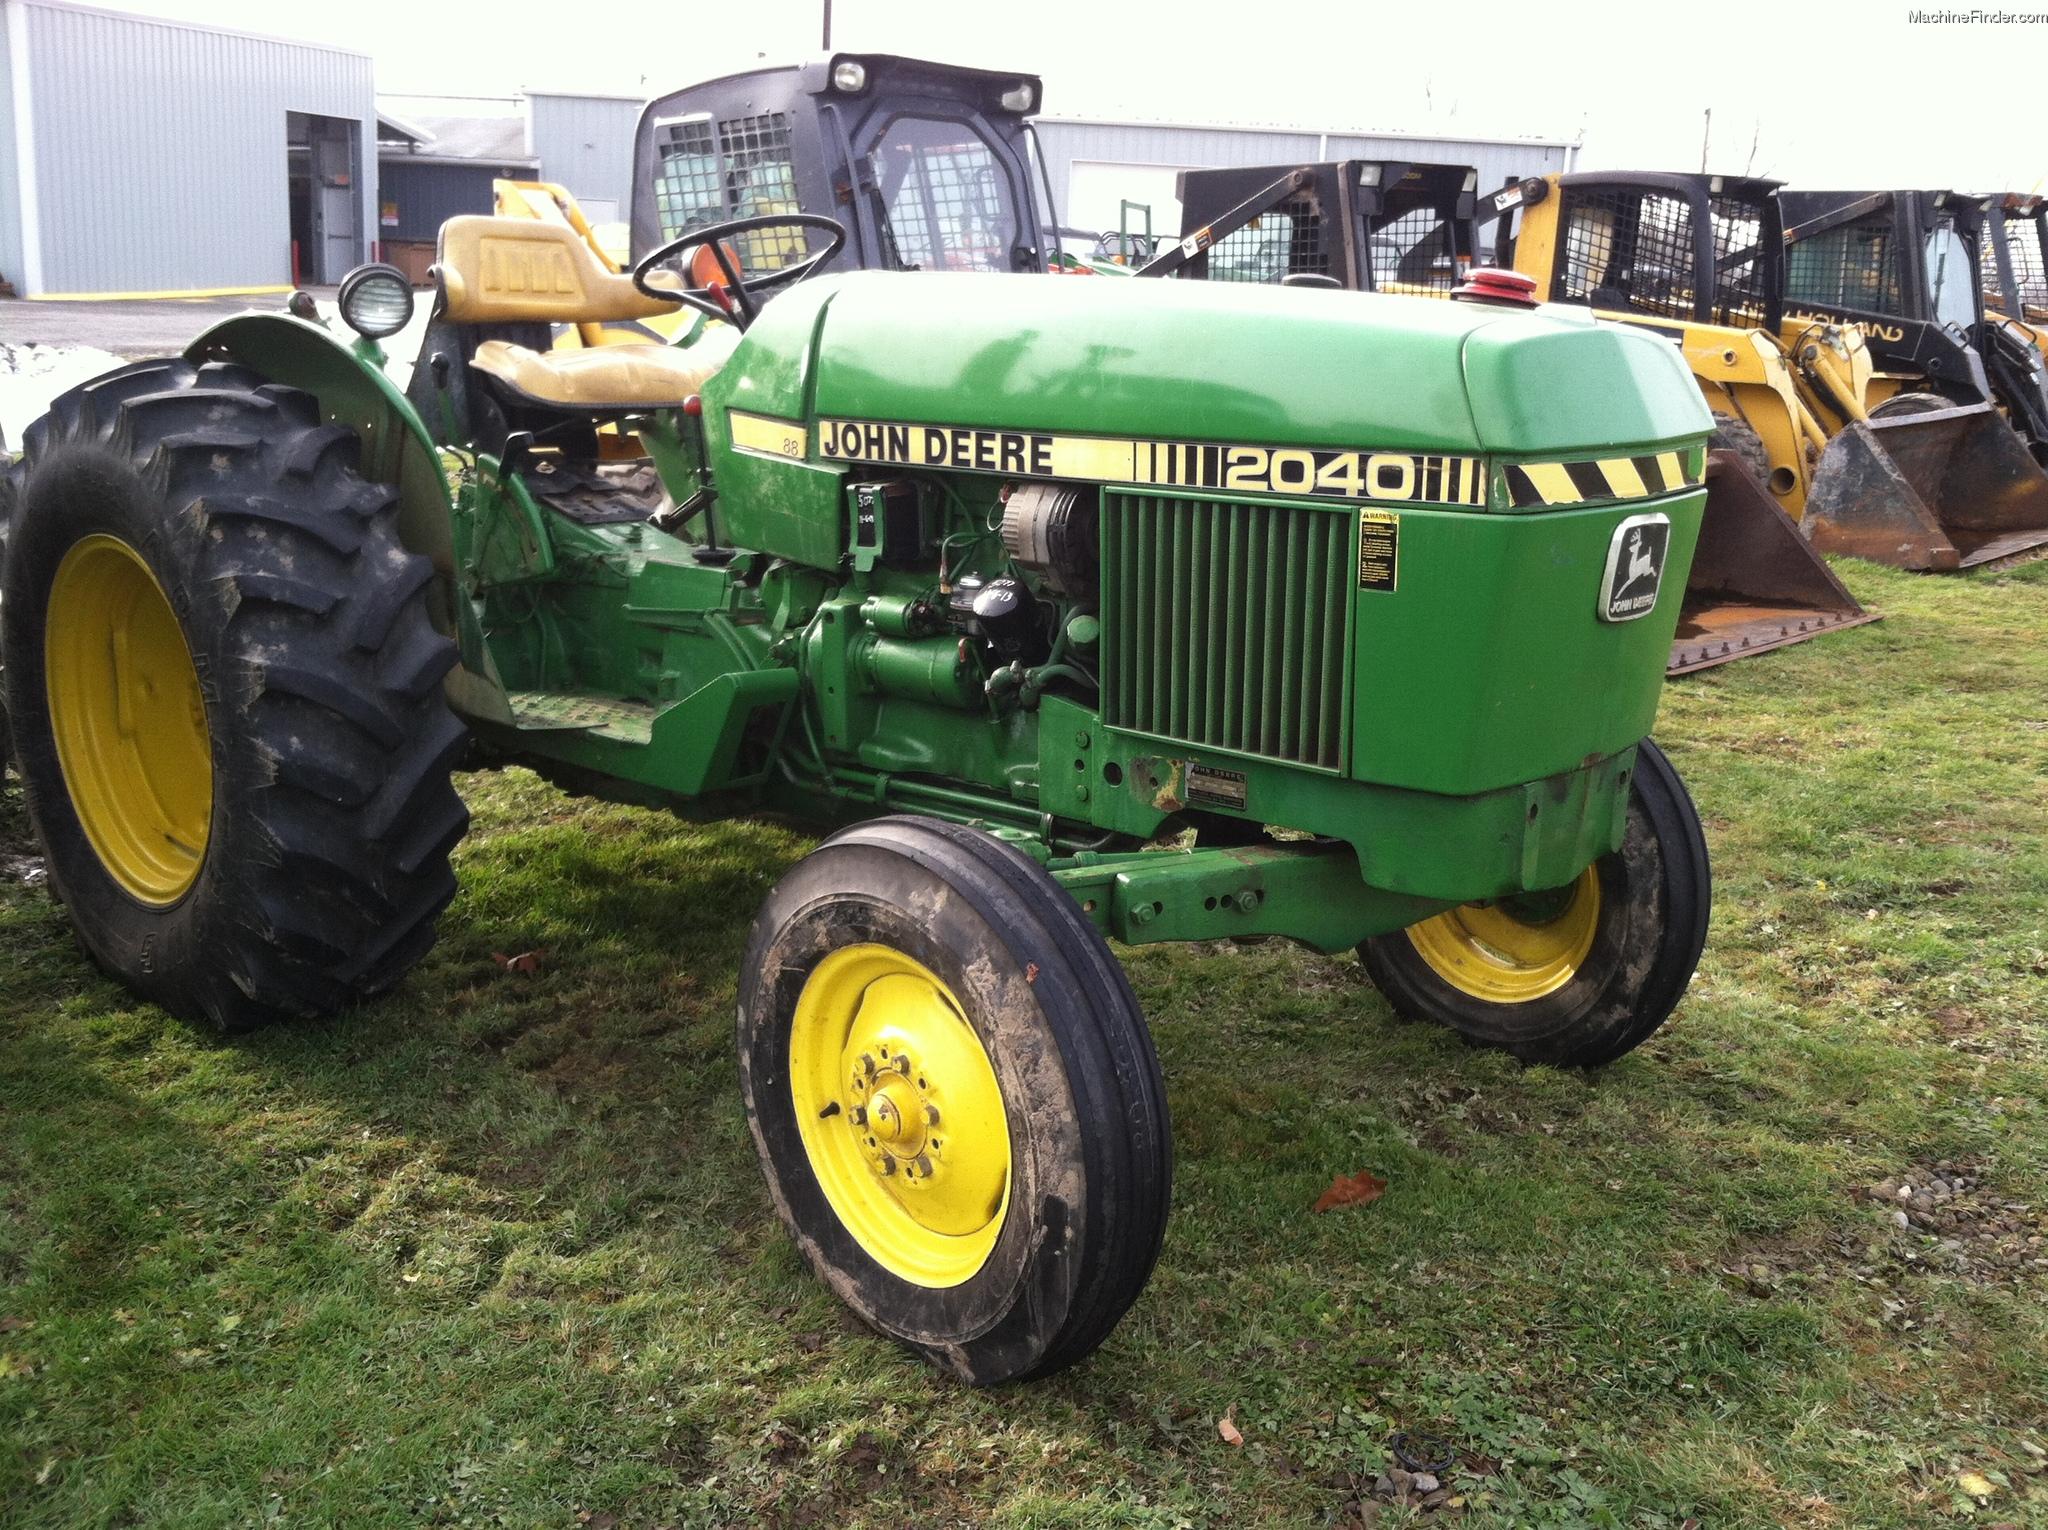 John Deere 2040 Tractors - Utility (40-100hp) - John Deere ...